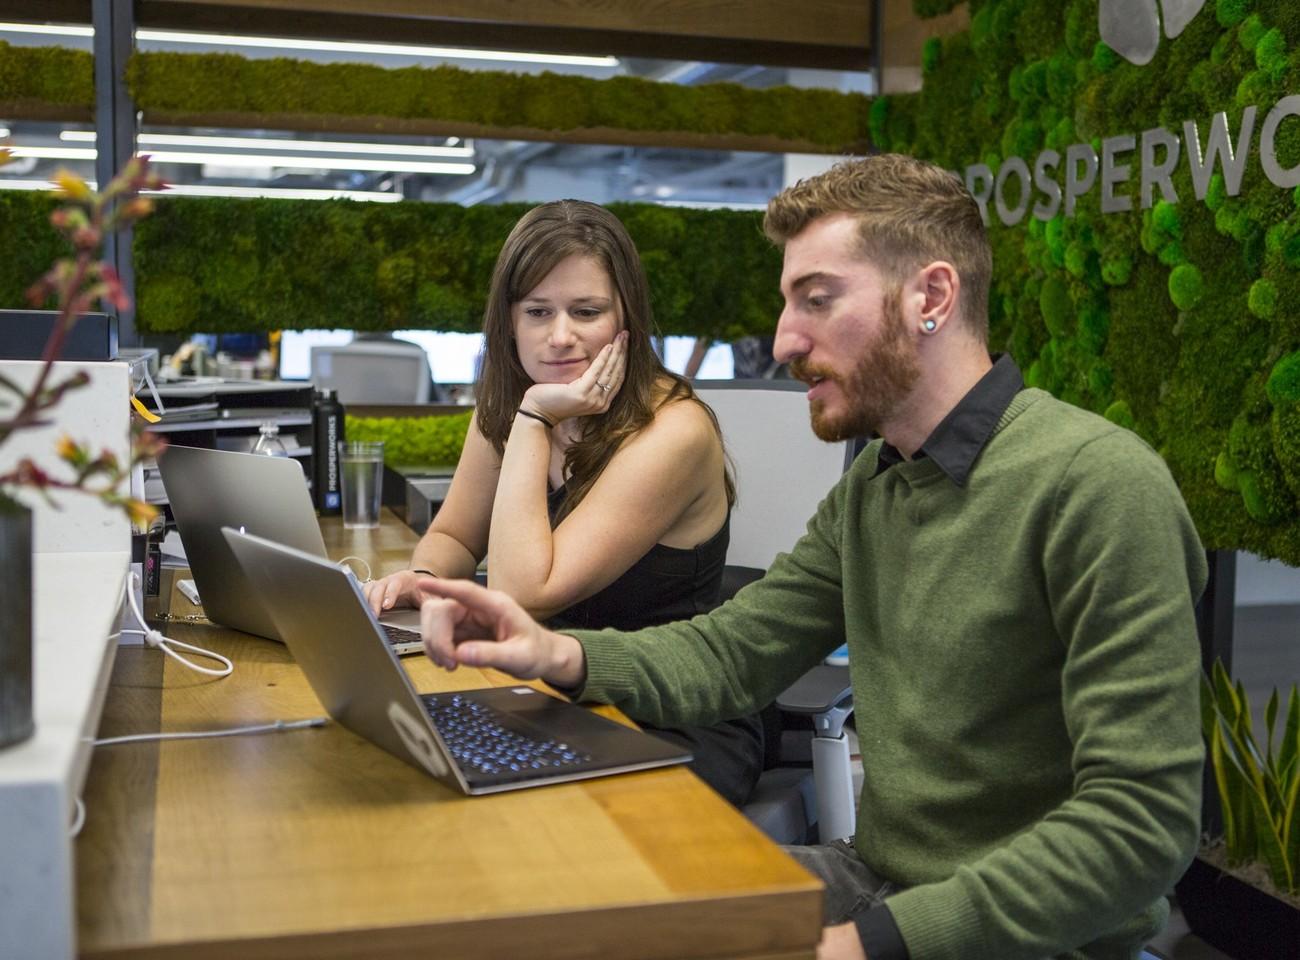 ProsperWorks Careers